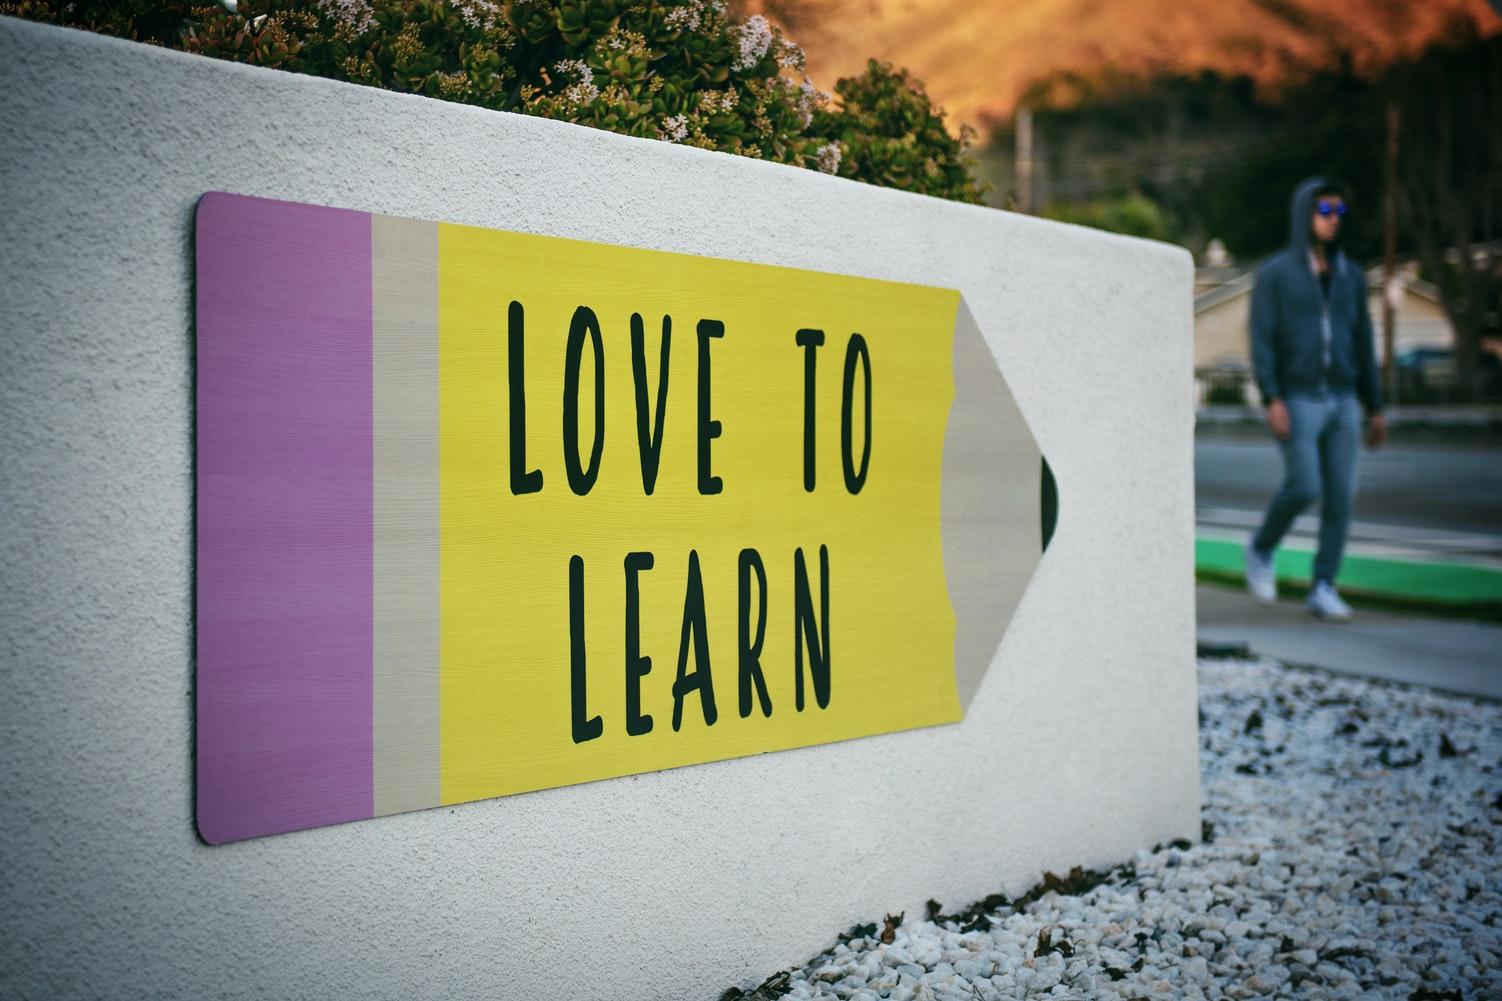 Желание учиться. Почему оно пропадает и как его реанимировать?